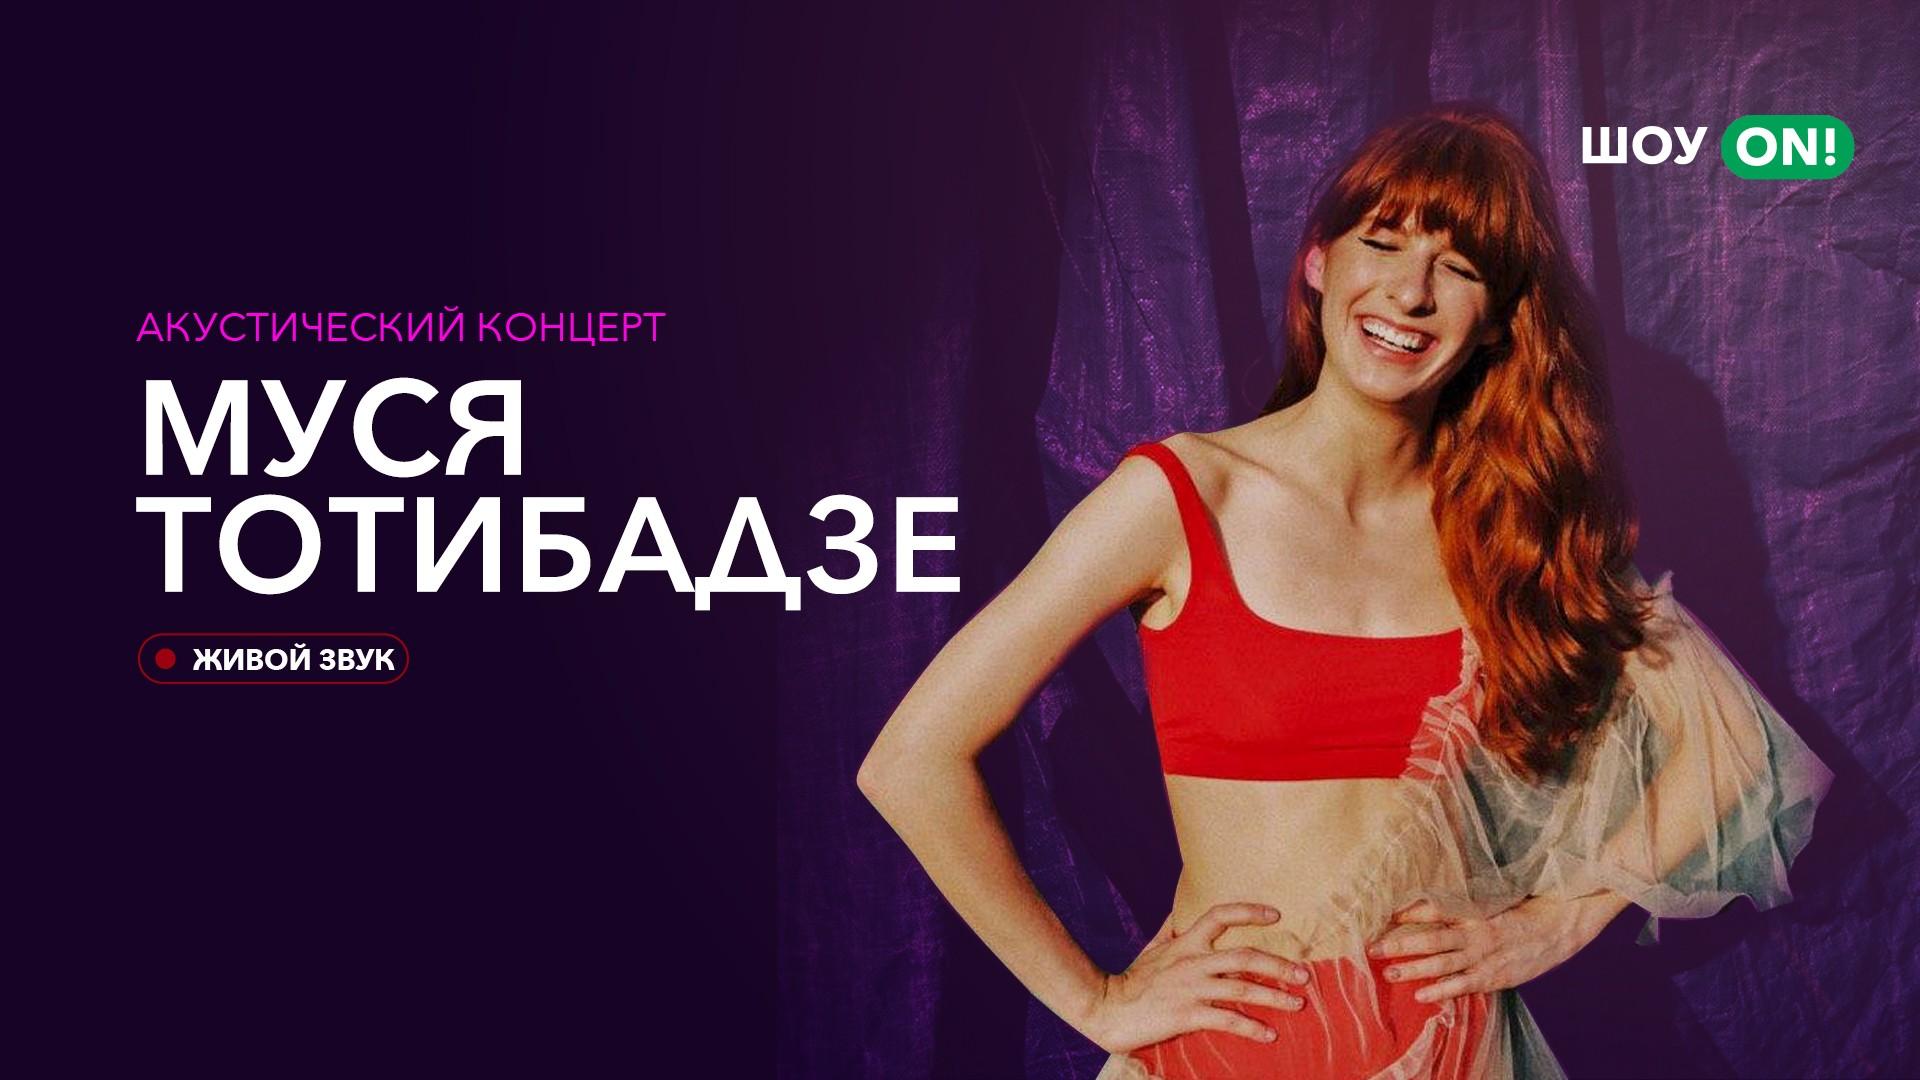 Муся Тотибадзе: Запись концерта